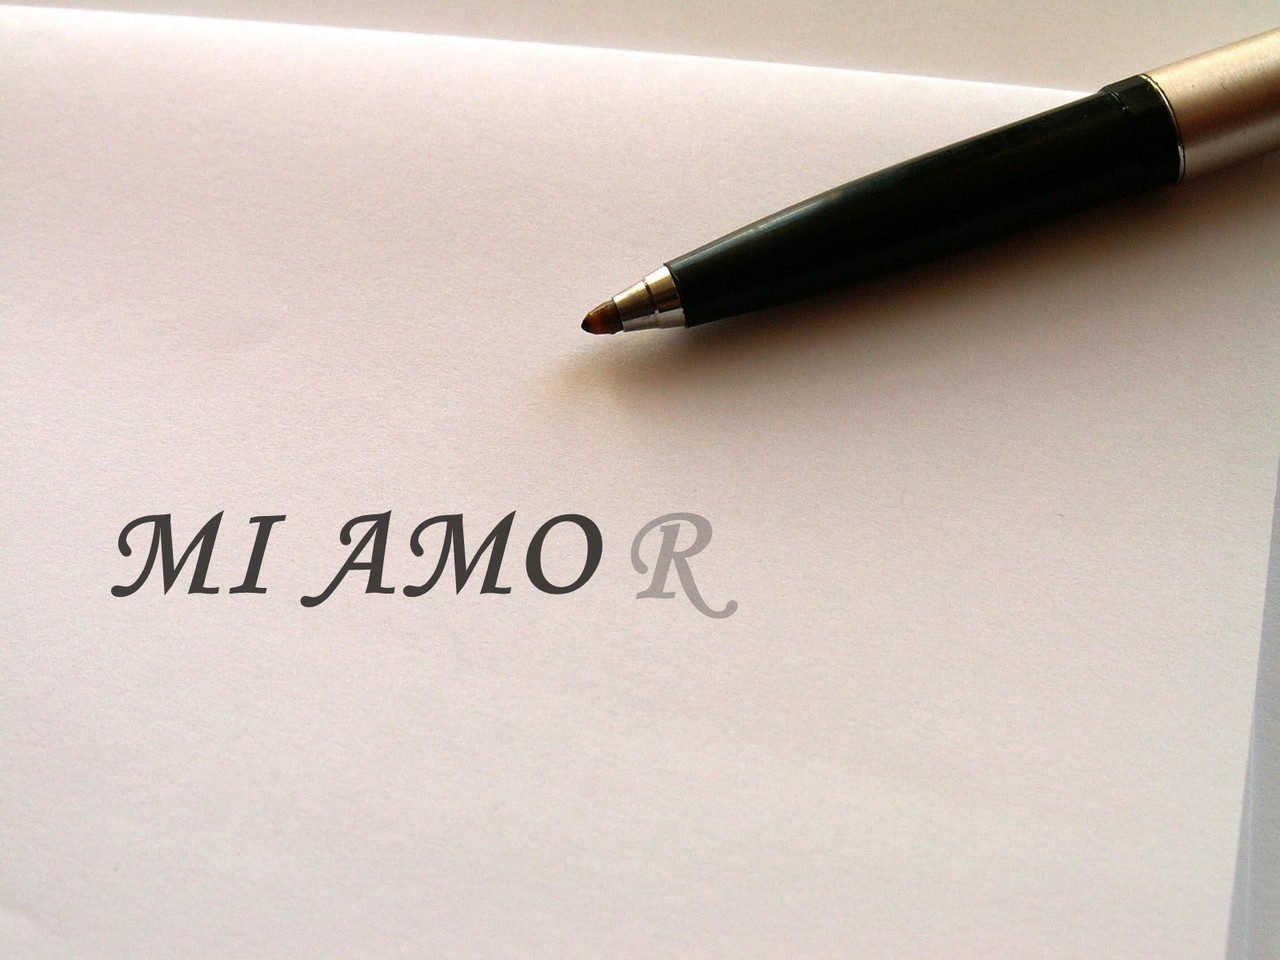 Mi amo(r), por Alessandra Sánchez